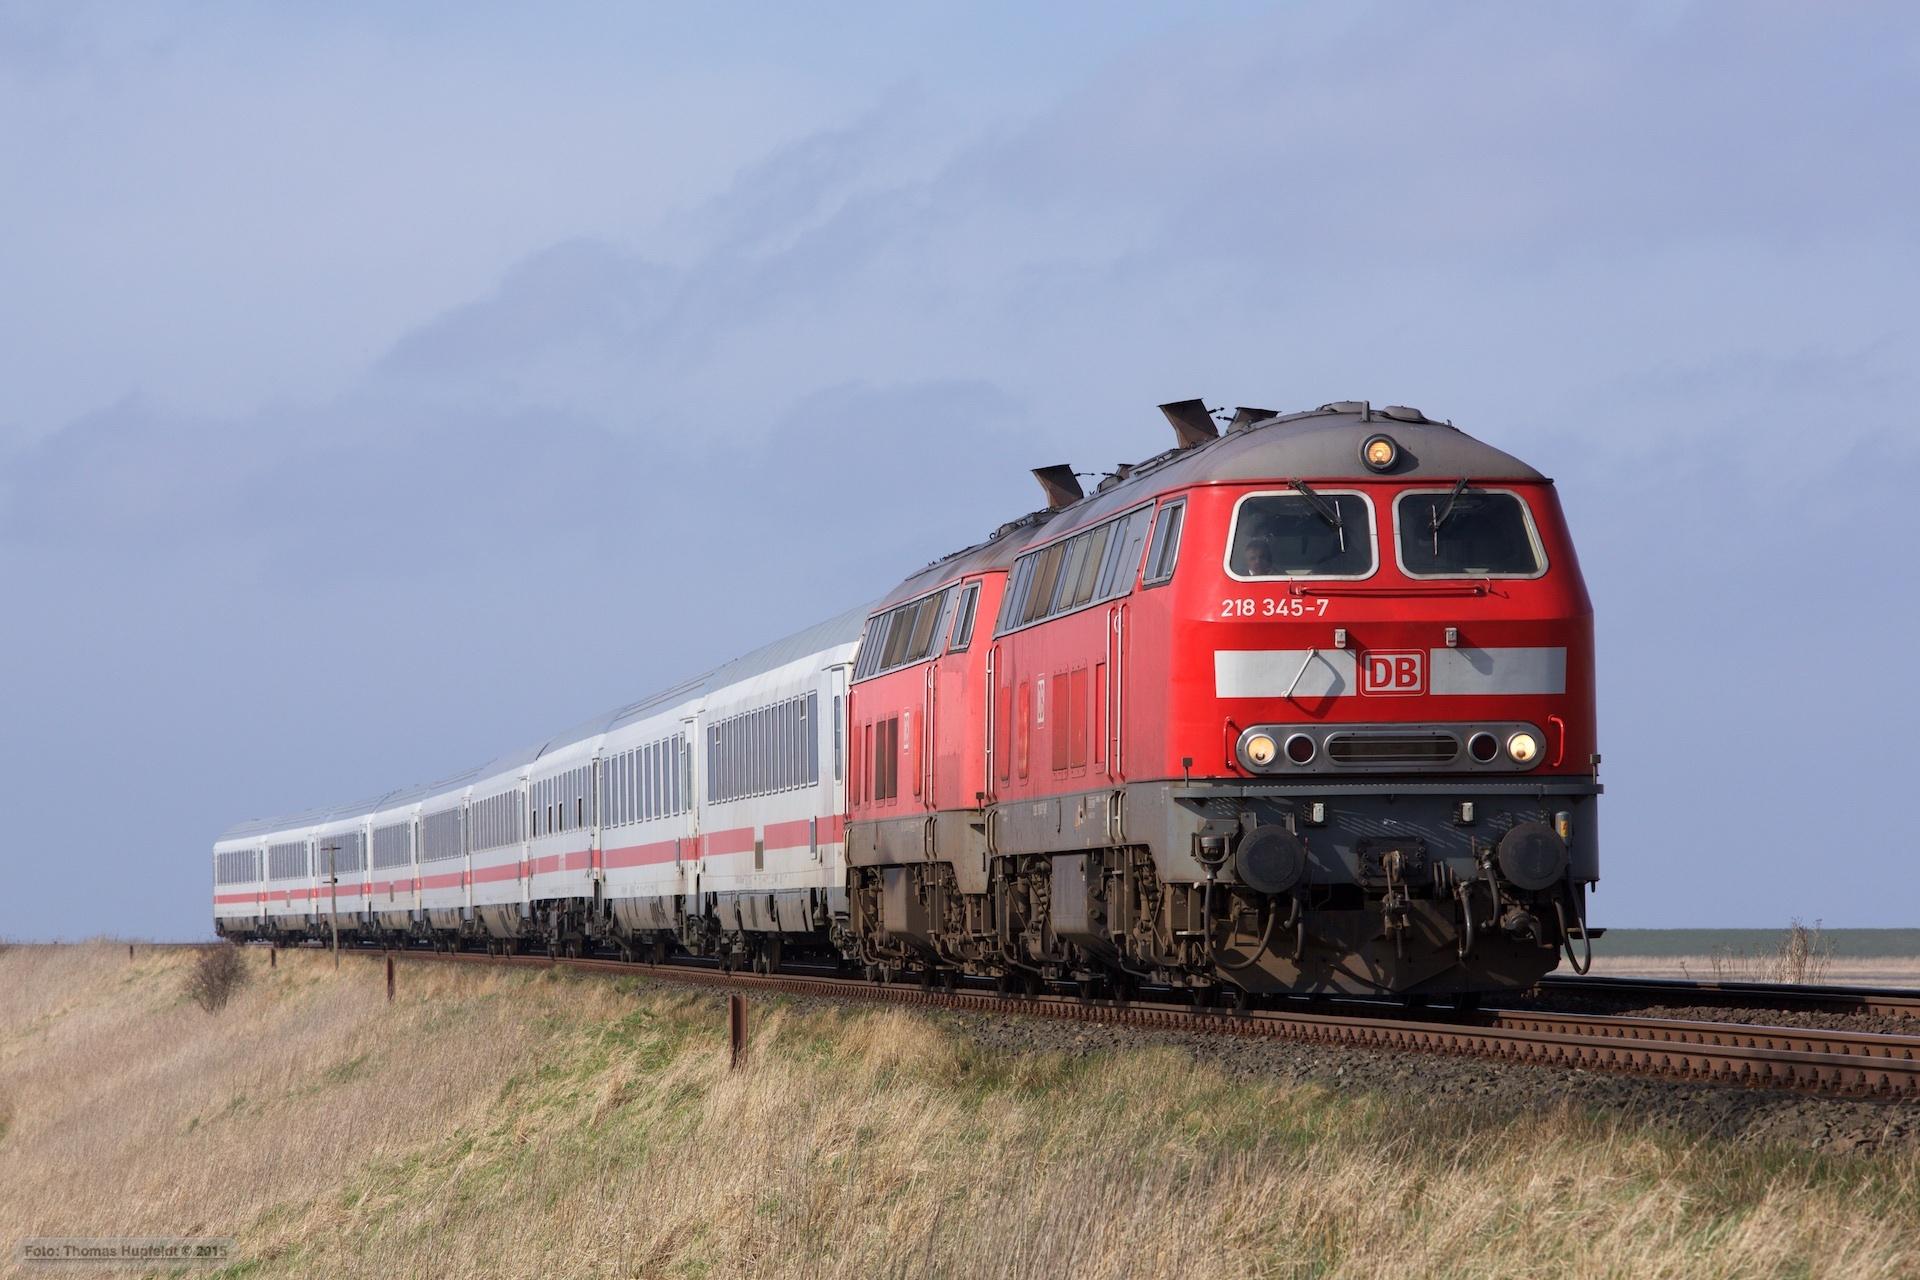 DB 218 345-7 og 218 340-8 m. 9 vogne som IC 2315 (Westerland-Frankfurt am Main Hbf) mellem Morsum og Klanxbüll – 26.03.2016